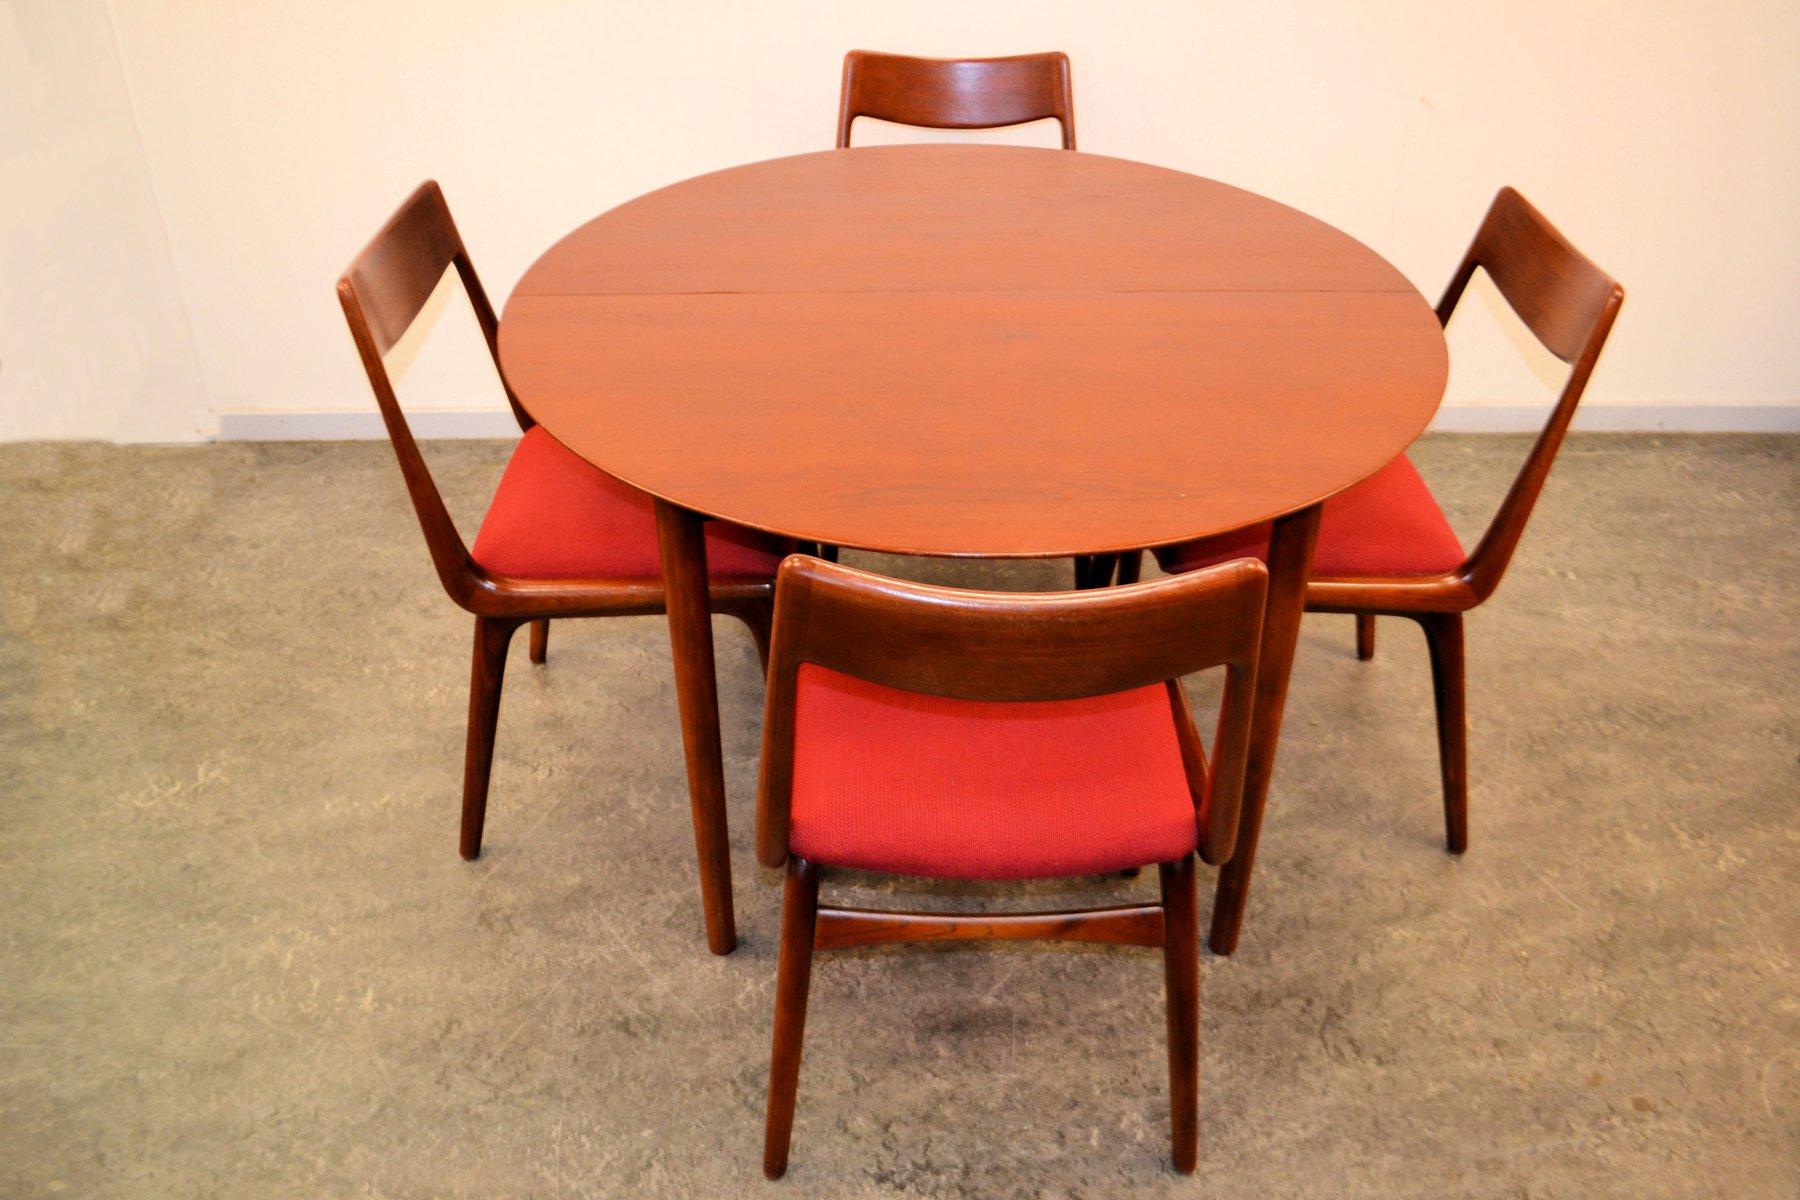 mid century teak lack esszimmergarnitur von erik chistensen f r slagelse mobelveark 1950s bei. Black Bedroom Furniture Sets. Home Design Ideas